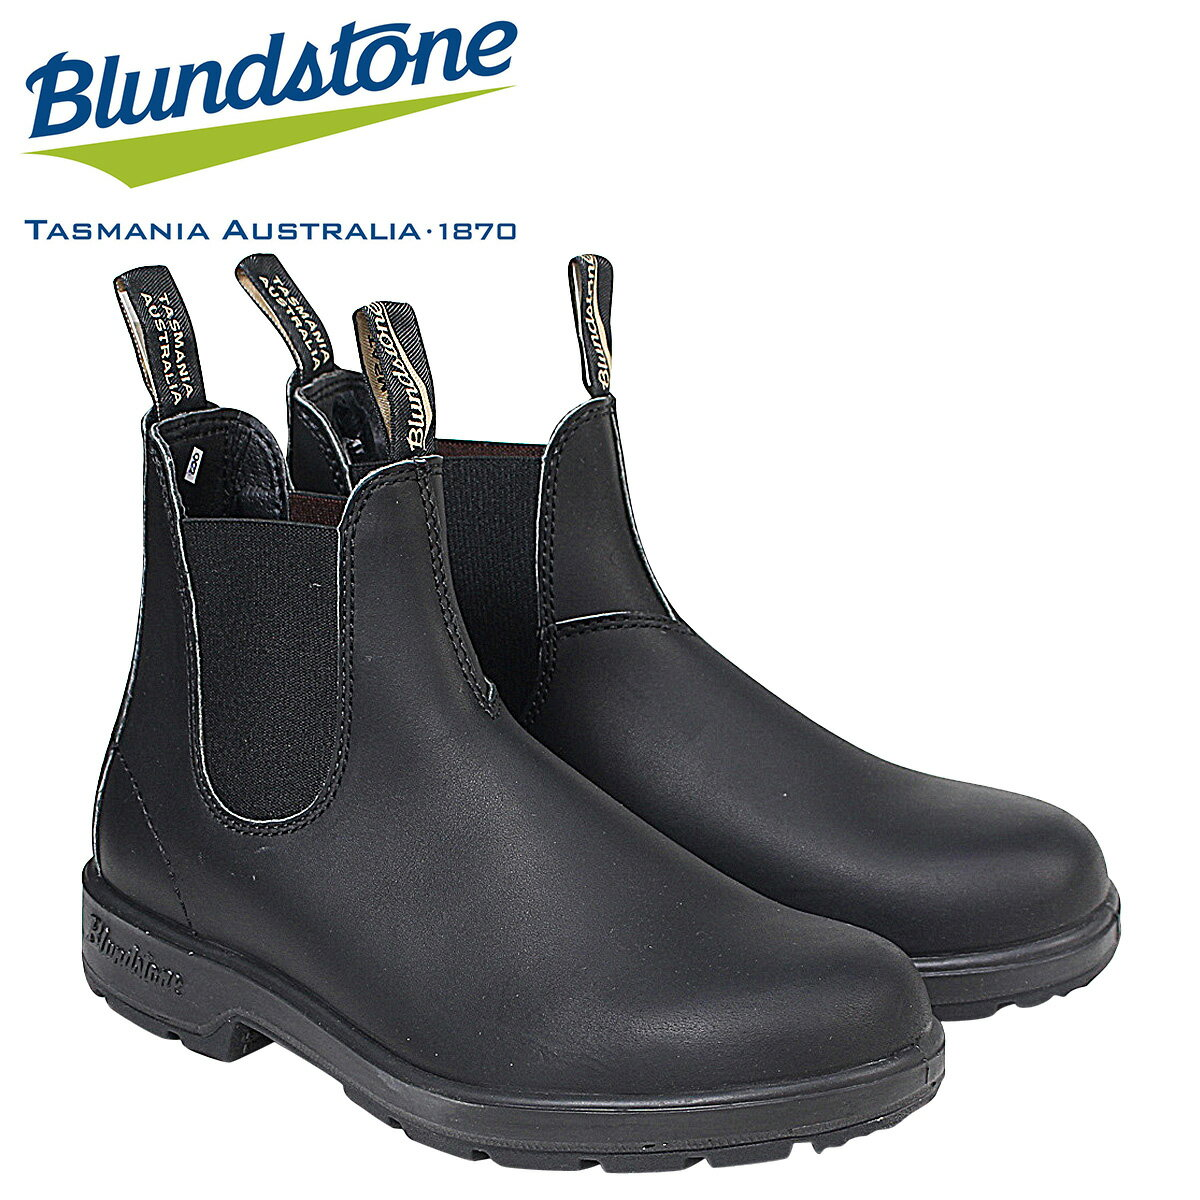 【最大2000円OFFクーポン】 【半期決算セール】 ブランドストーン Blundstone サイドゴア メンズ ブーツ DRESS V CUT BOOTS 510 ブラック [1/16 追加入荷]